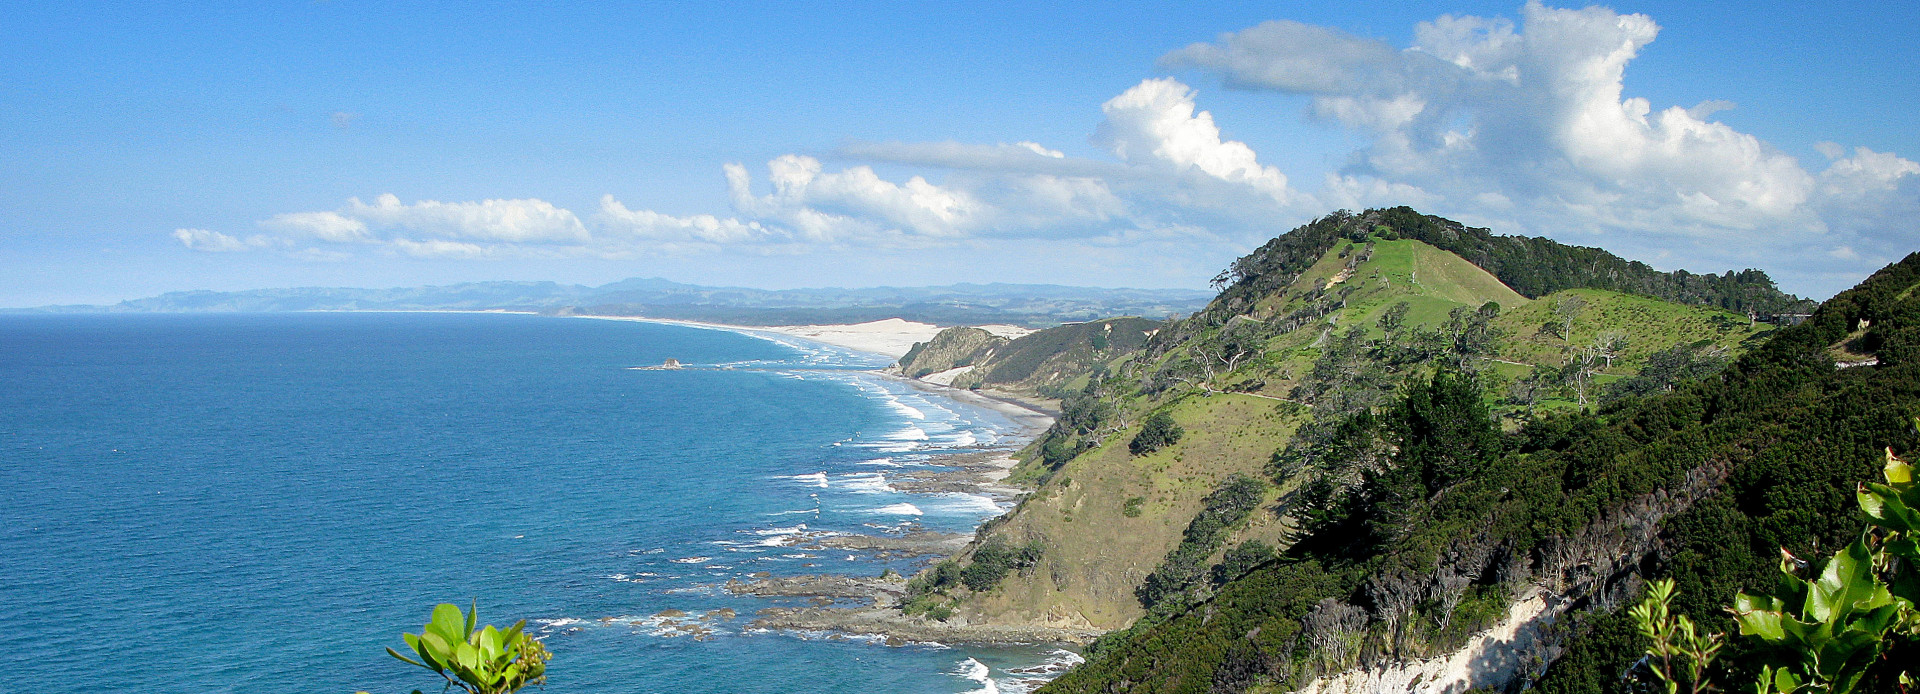 Neuseeland Northland bei Mangawhai